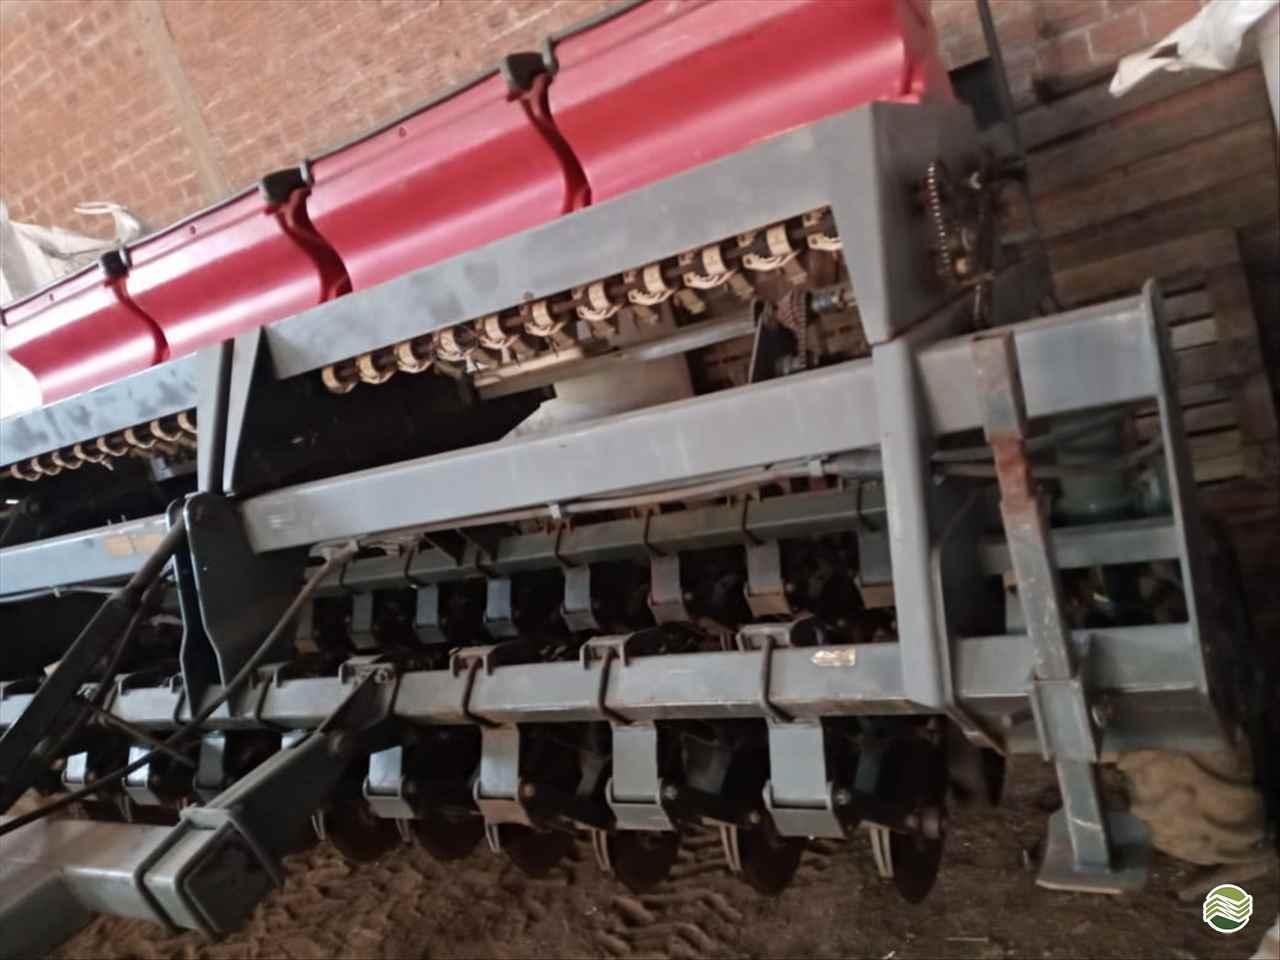 PLANTADEIRA MASSEY FERGUSON MF 621 LG Peças e Máquinas Agrícolas CHOPINZINHO PARANÁ PR